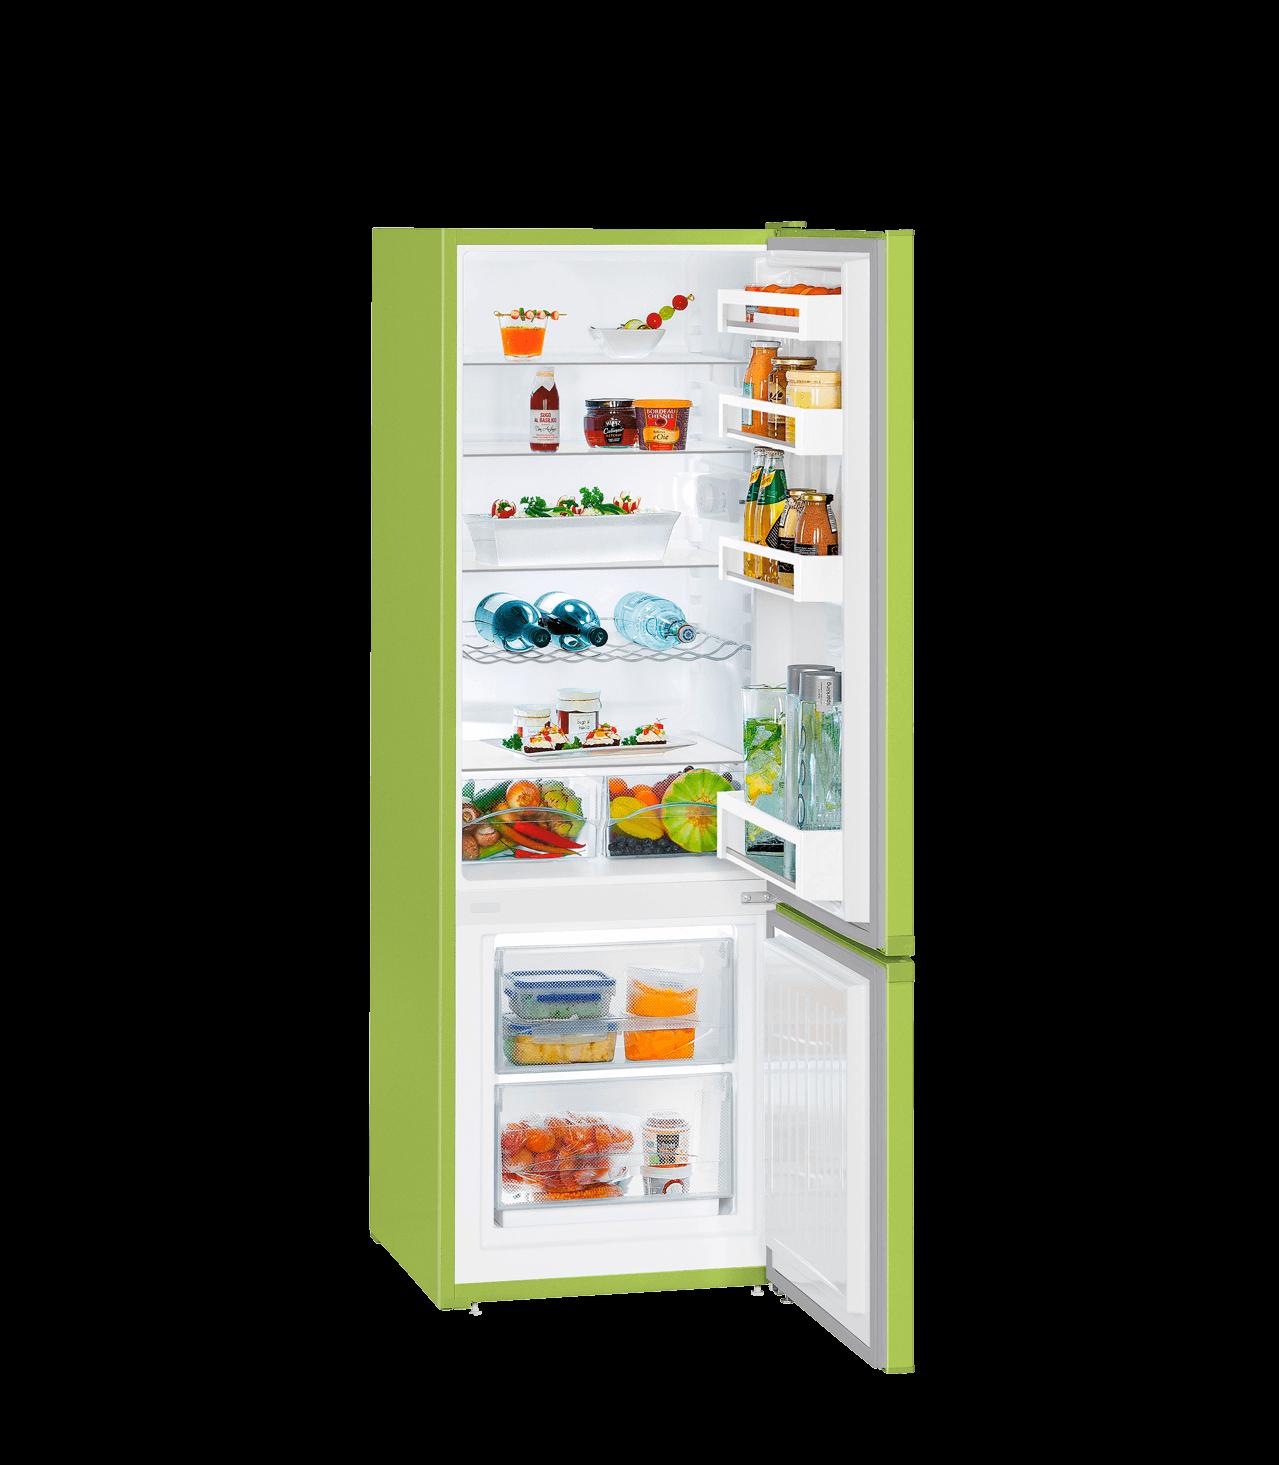 GE réfrigérateur ligne d'eau raccorder